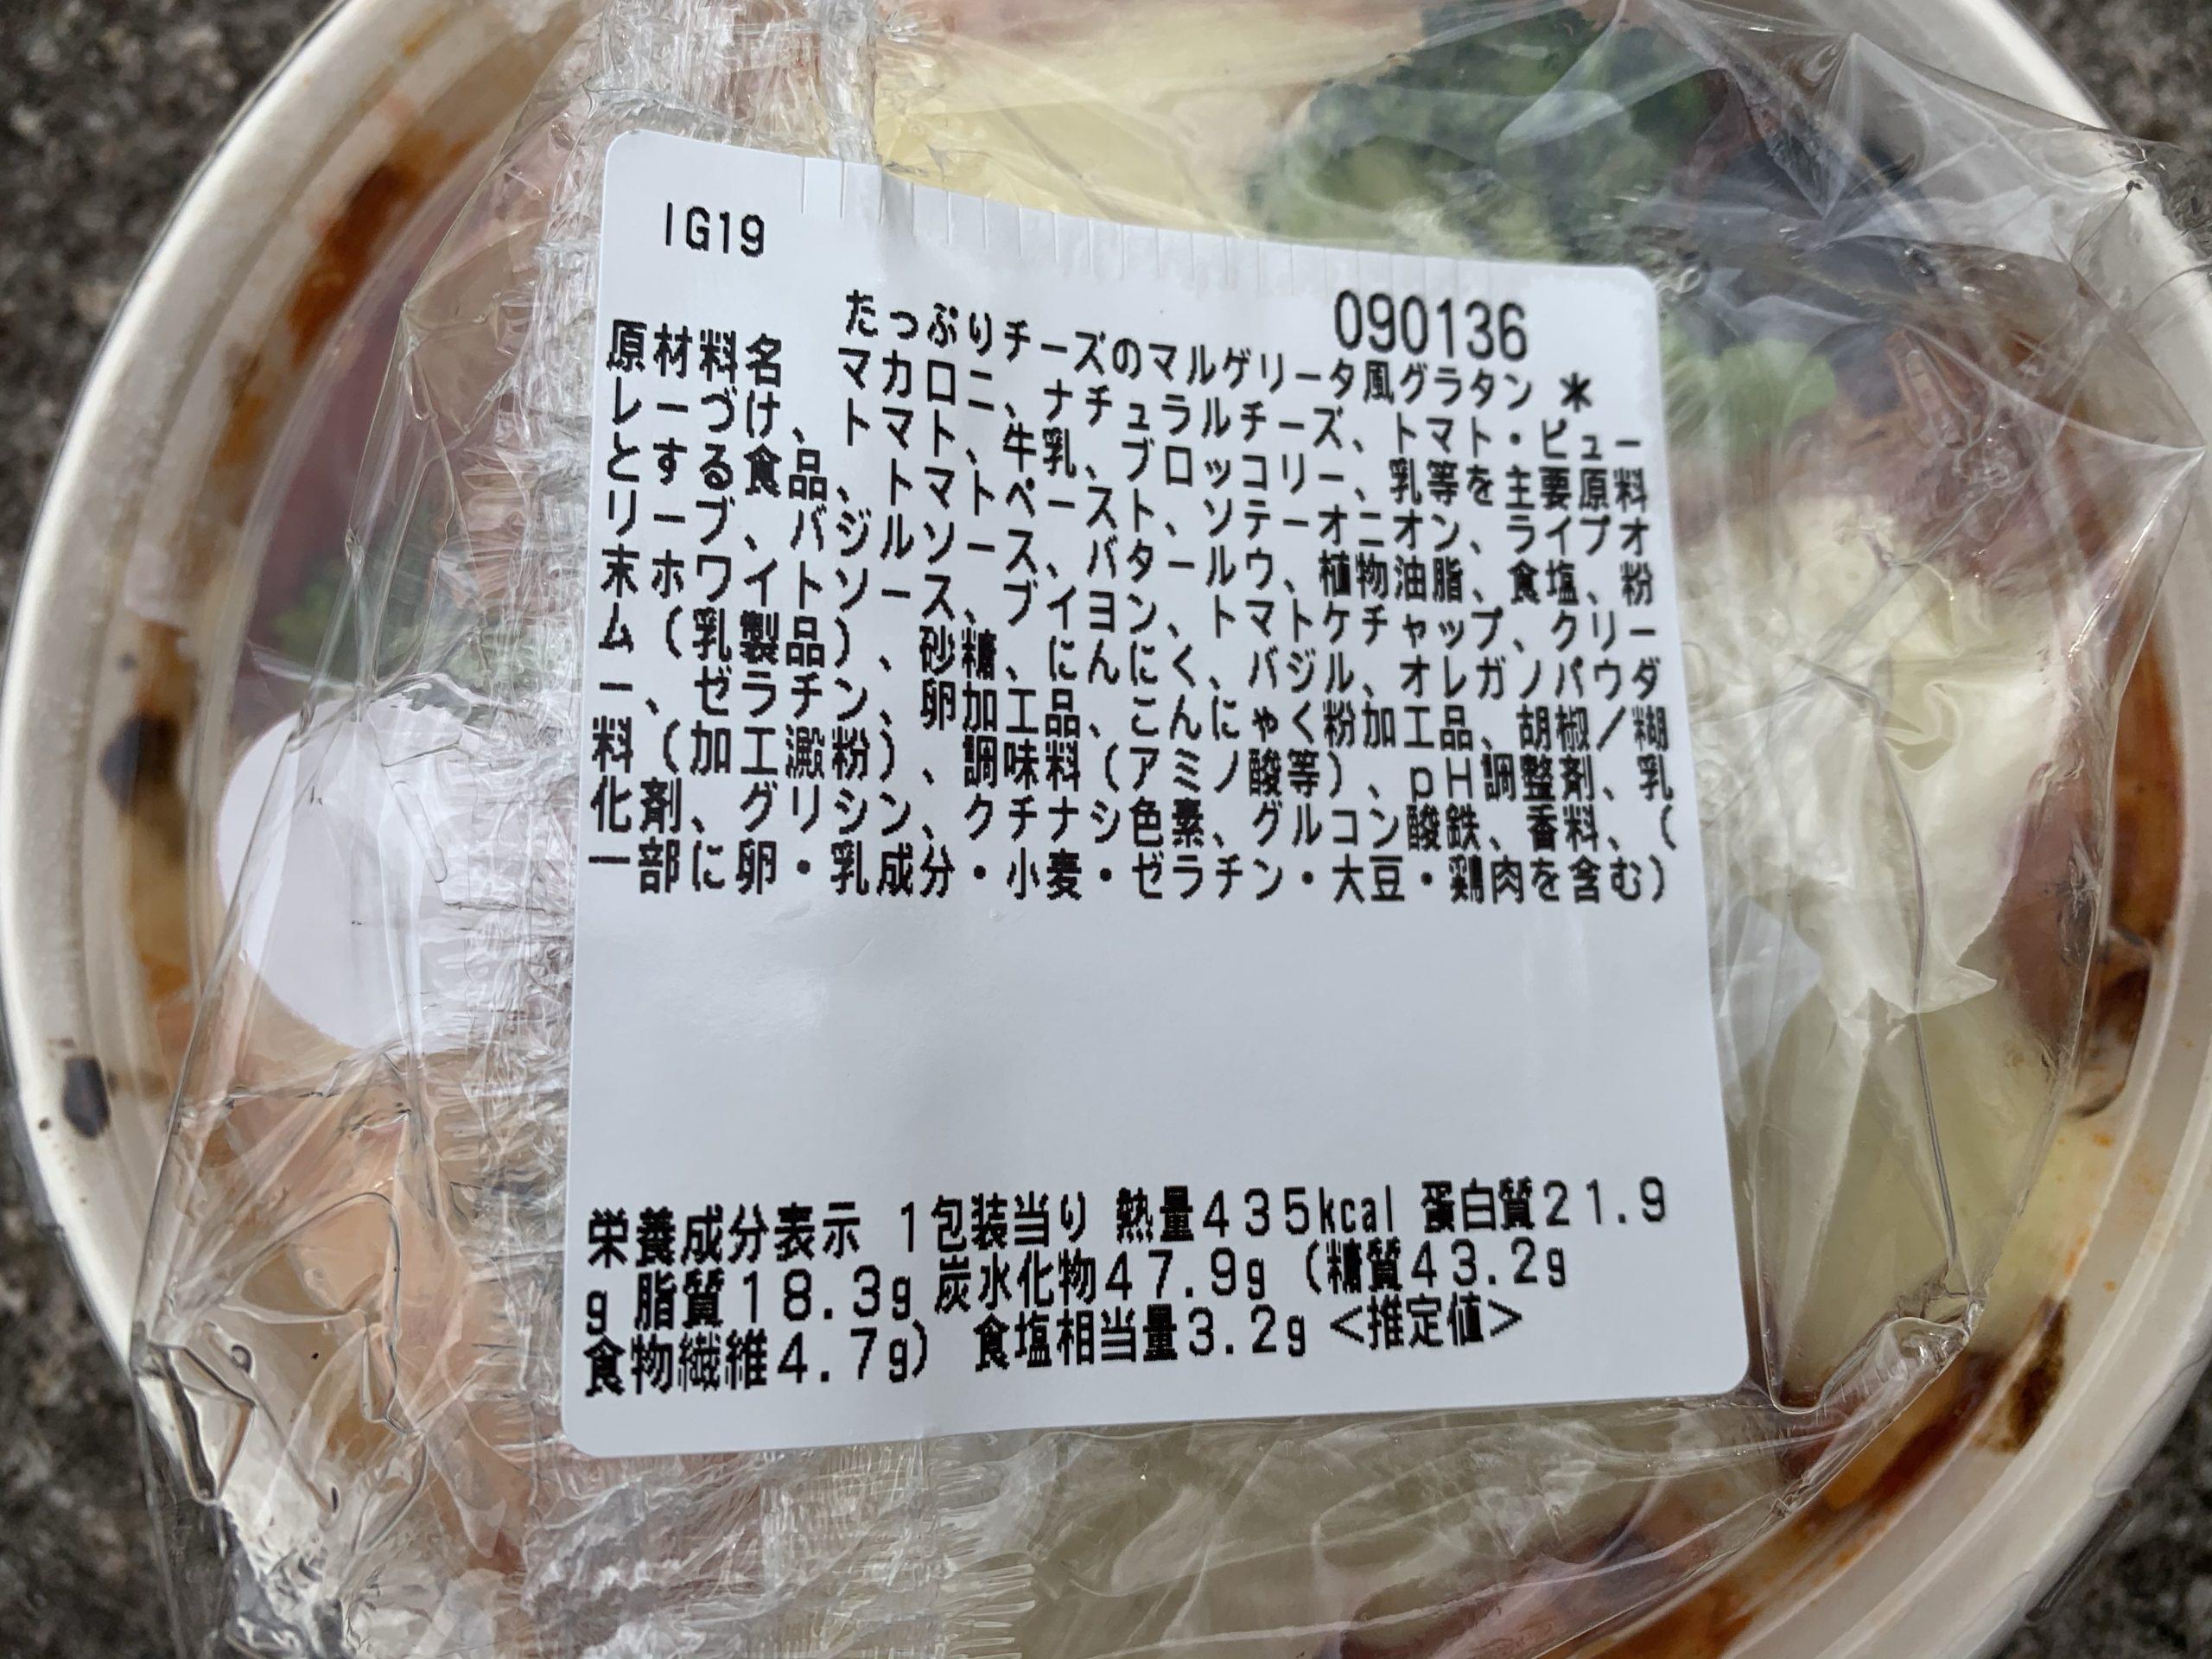 たっぷりチーズのマルゲリータ風グラタンの原材料と栄養成分